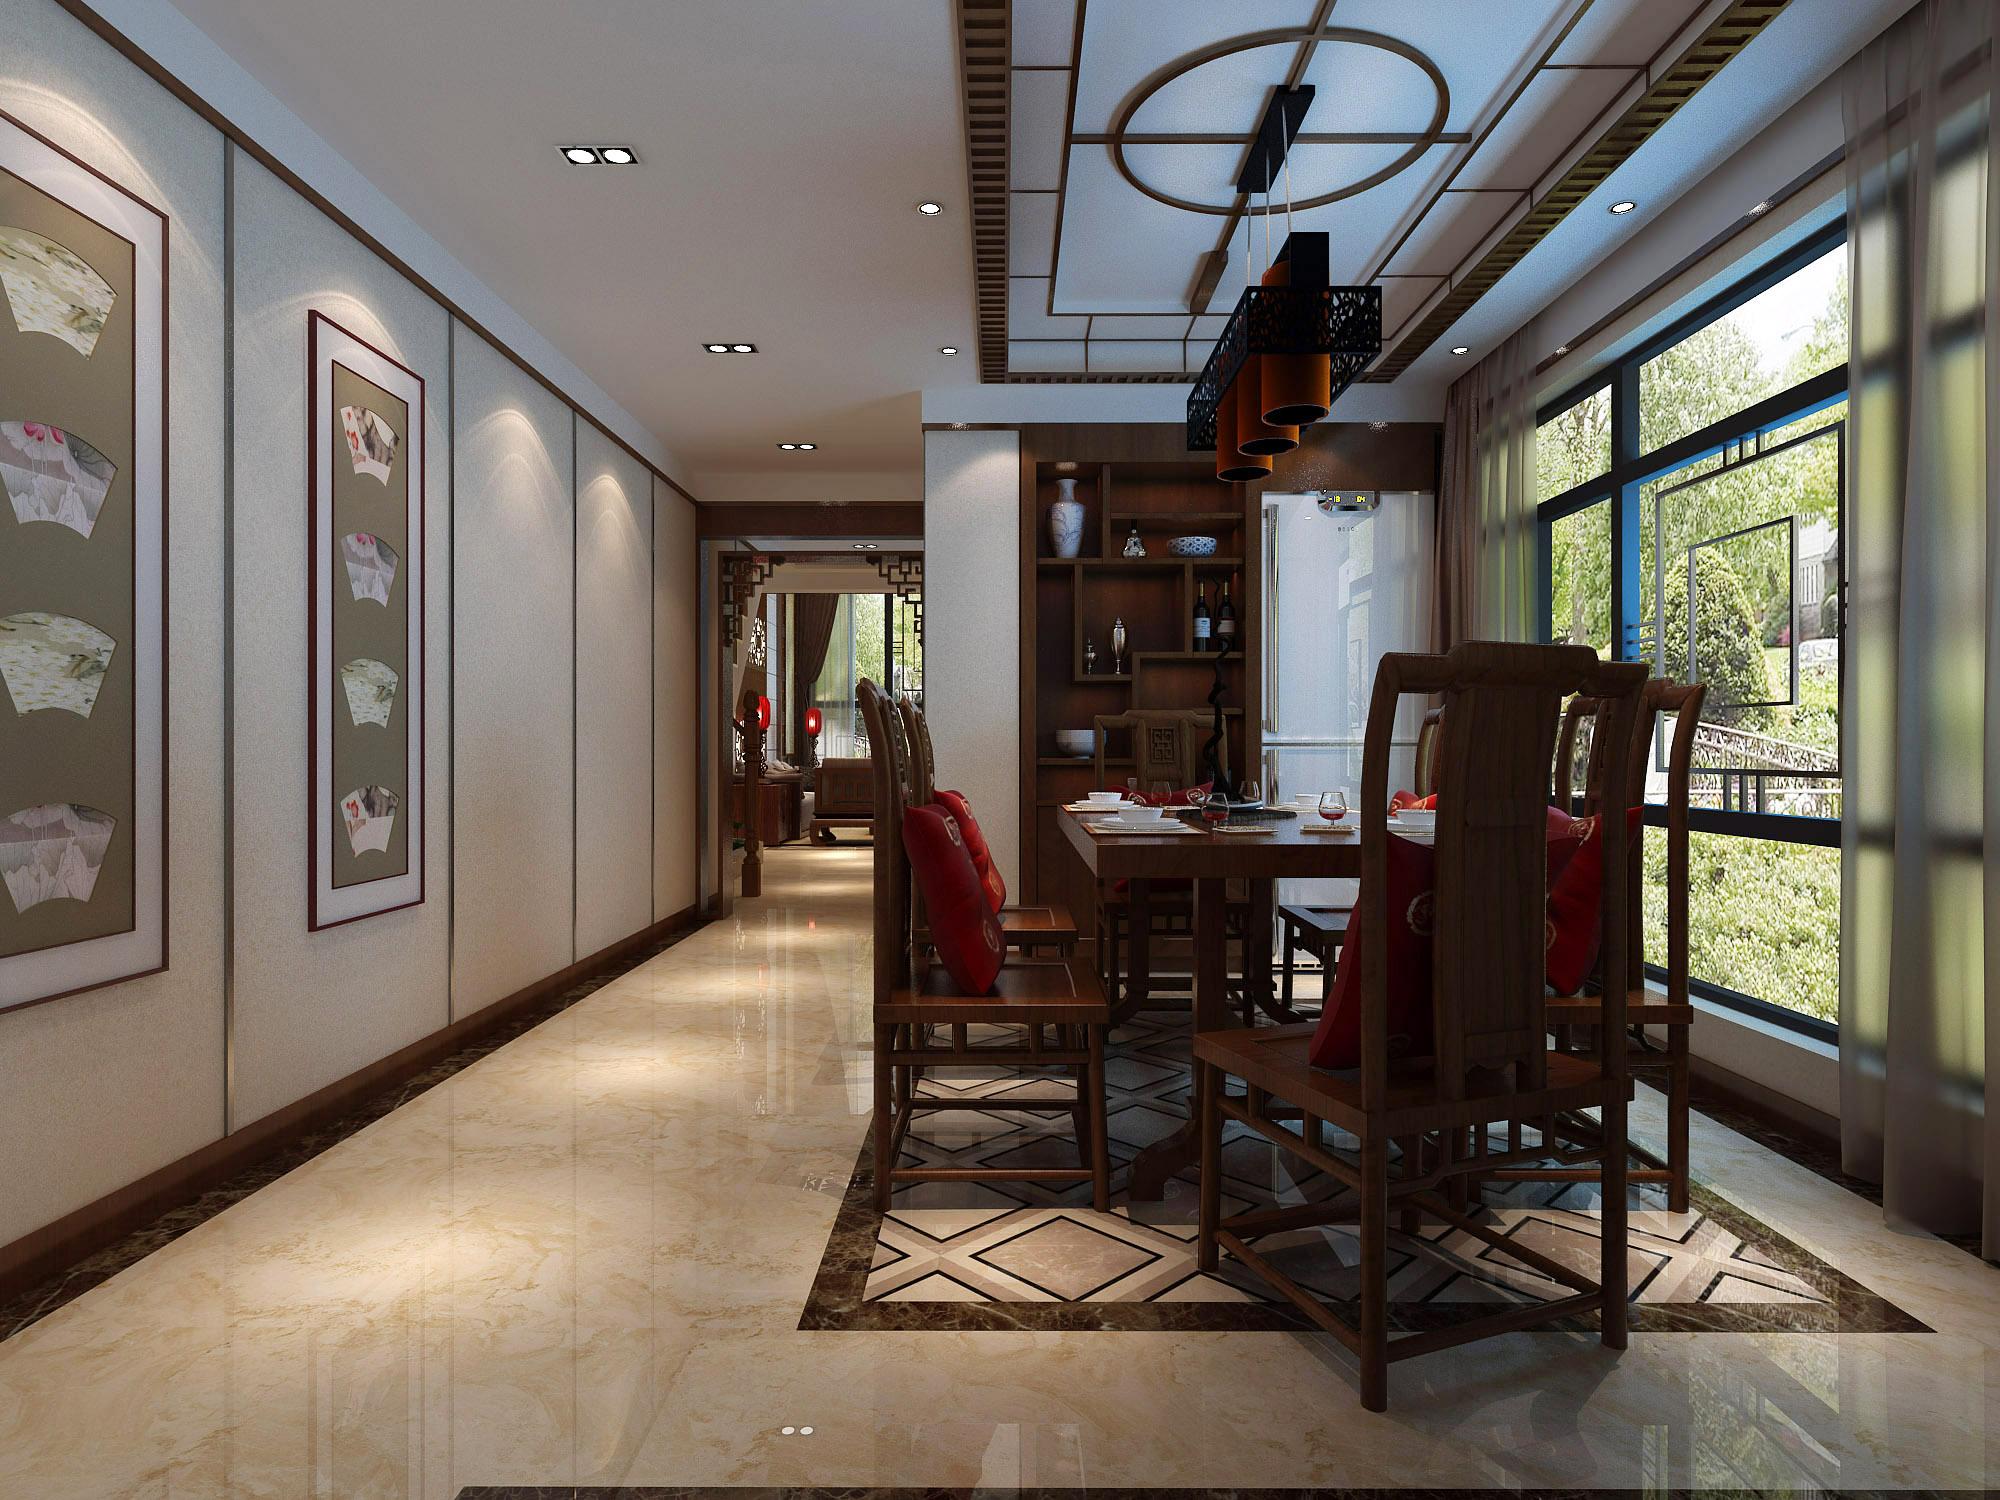 简约 欧式 田园 混搭 二居 三居 别墅 白领 旧房改造 餐厅图片来自黑马36581在联盟新城的分享